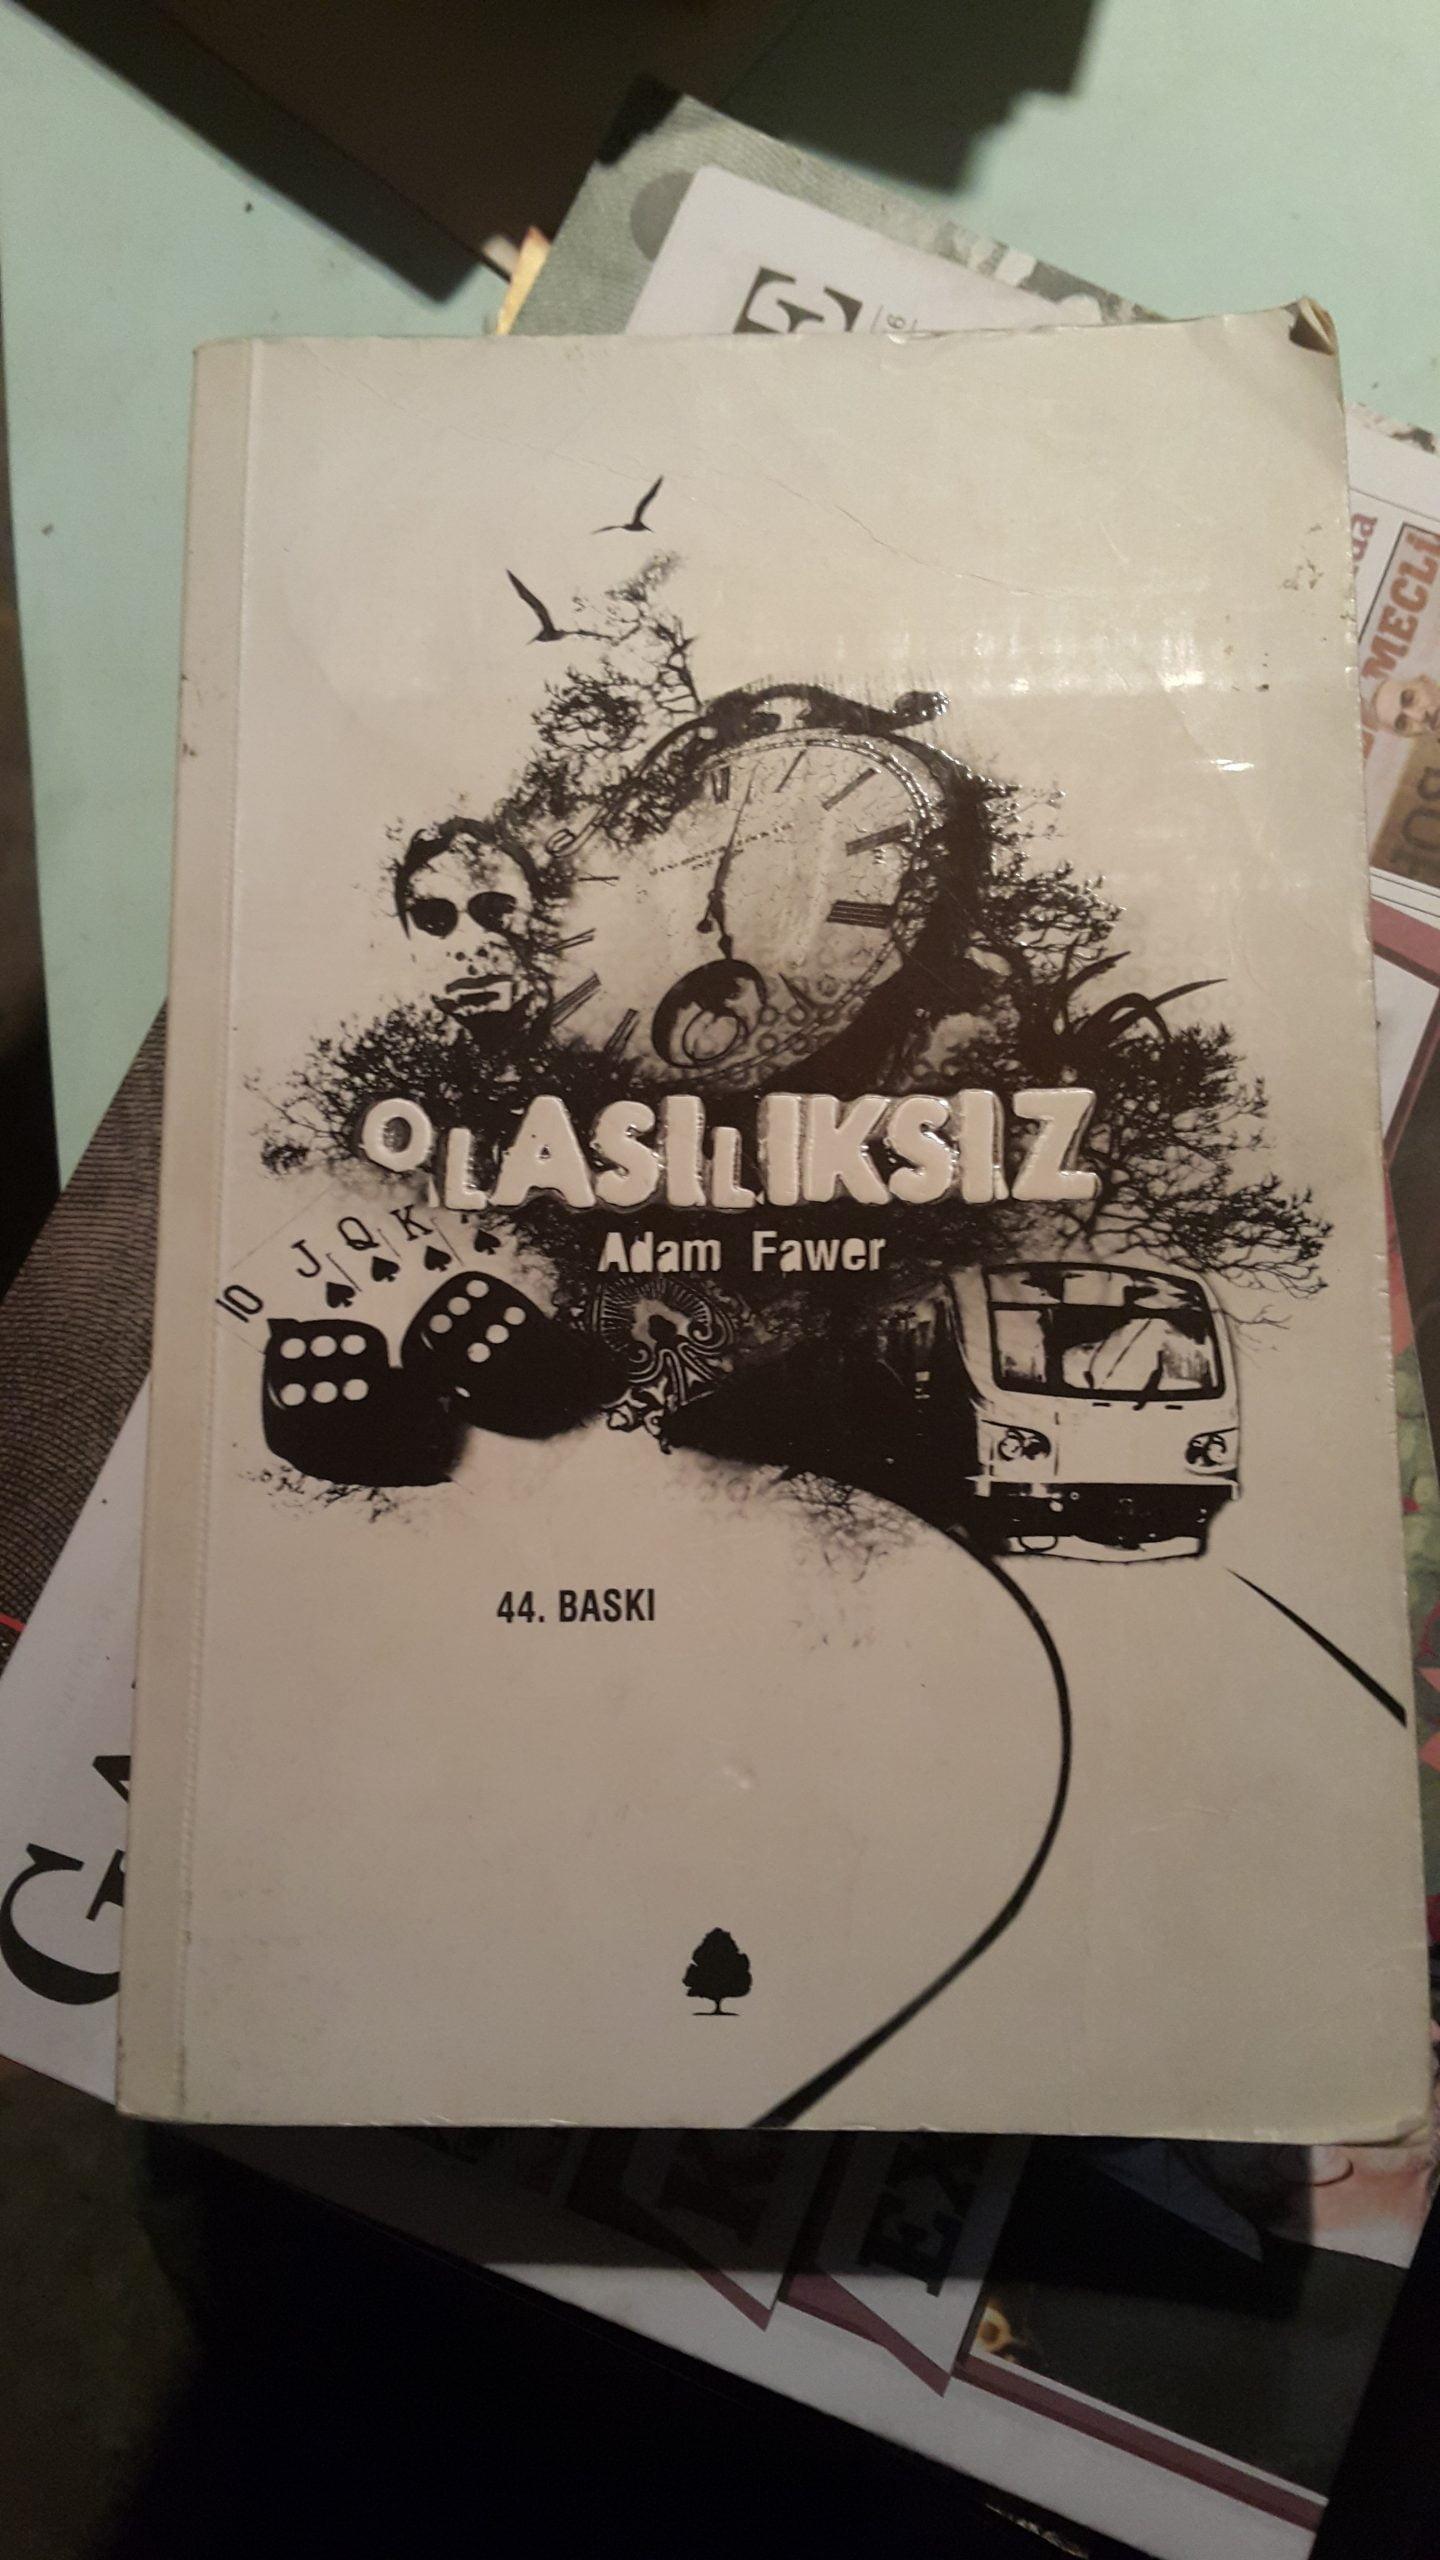 OLASILIKSIZ/ADAM FAWER